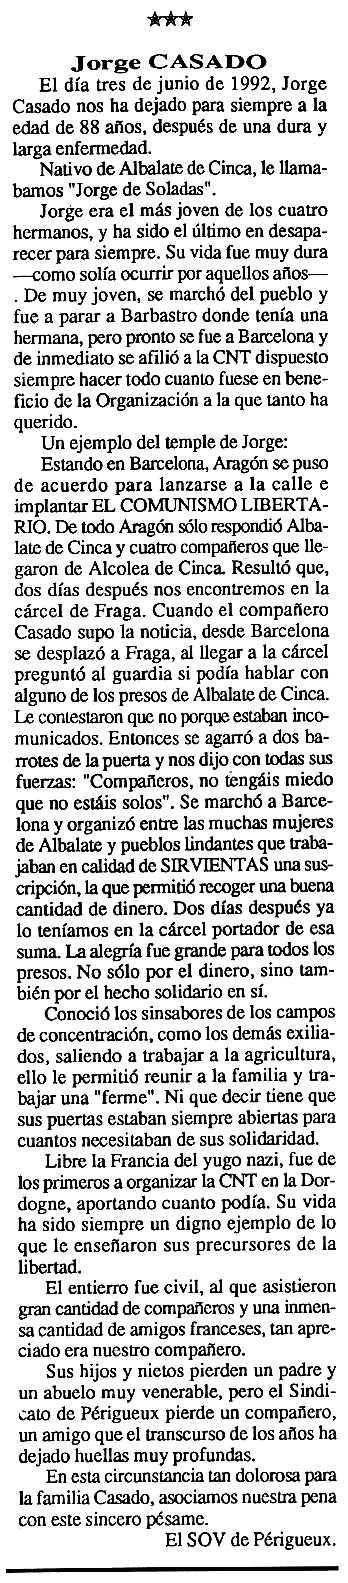 """Necrològica de Jorge Casado Meler apareguda en el periòdic tolosà """"Cenit"""" del 15 de setembre de 1992"""